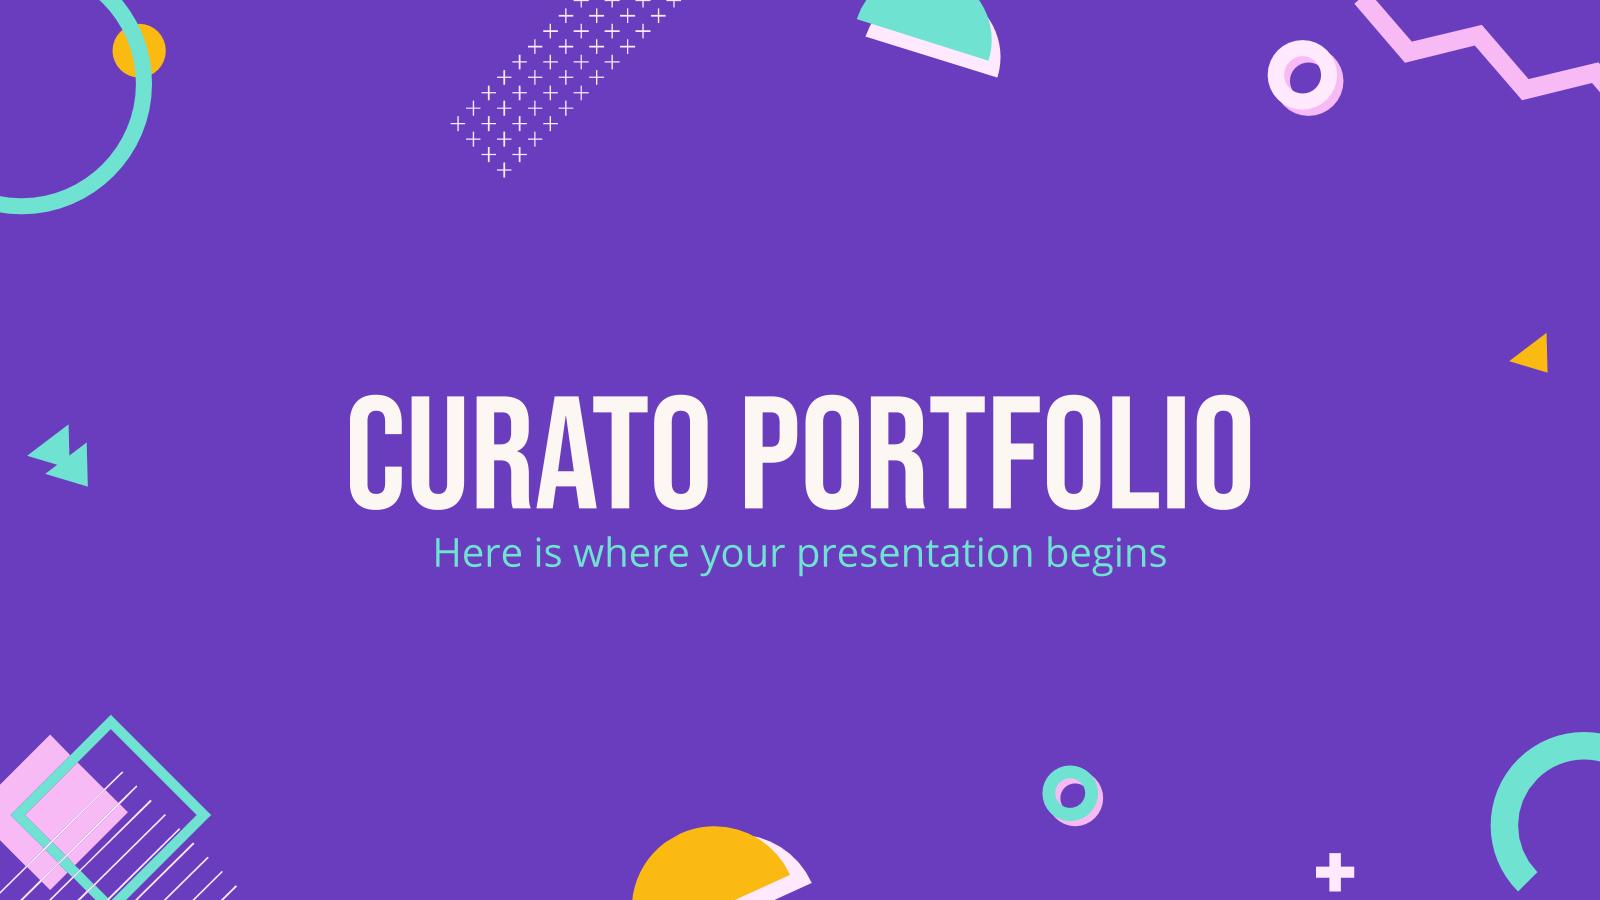 Plantilla de presentación Portafolio Curato